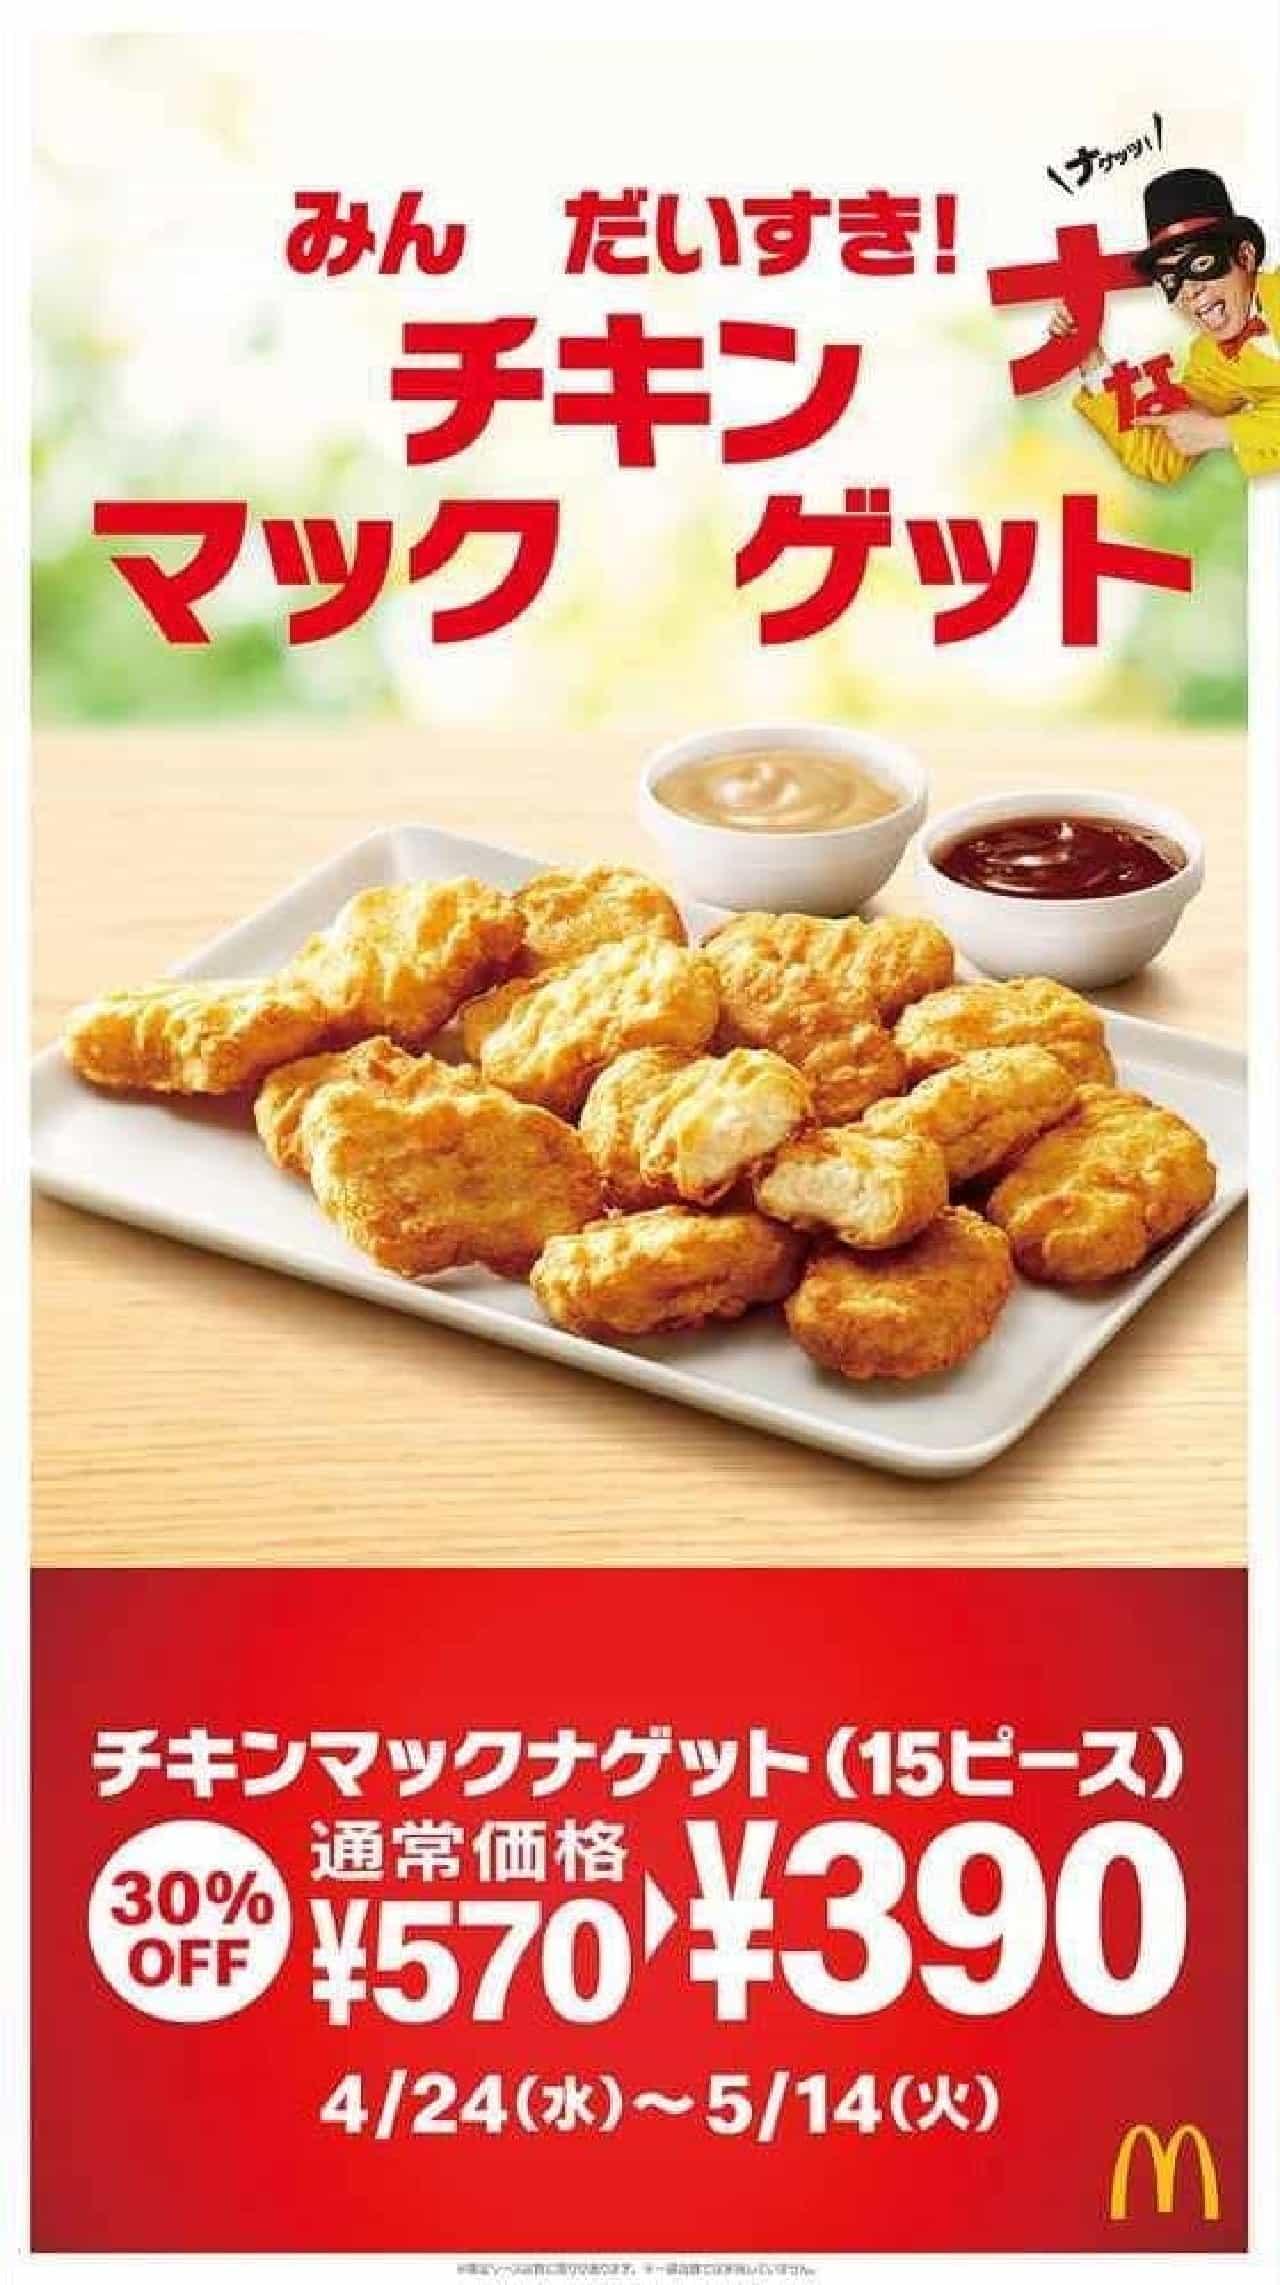 マクドナルド「チキンマックナゲット 15ピース」が30%オフ